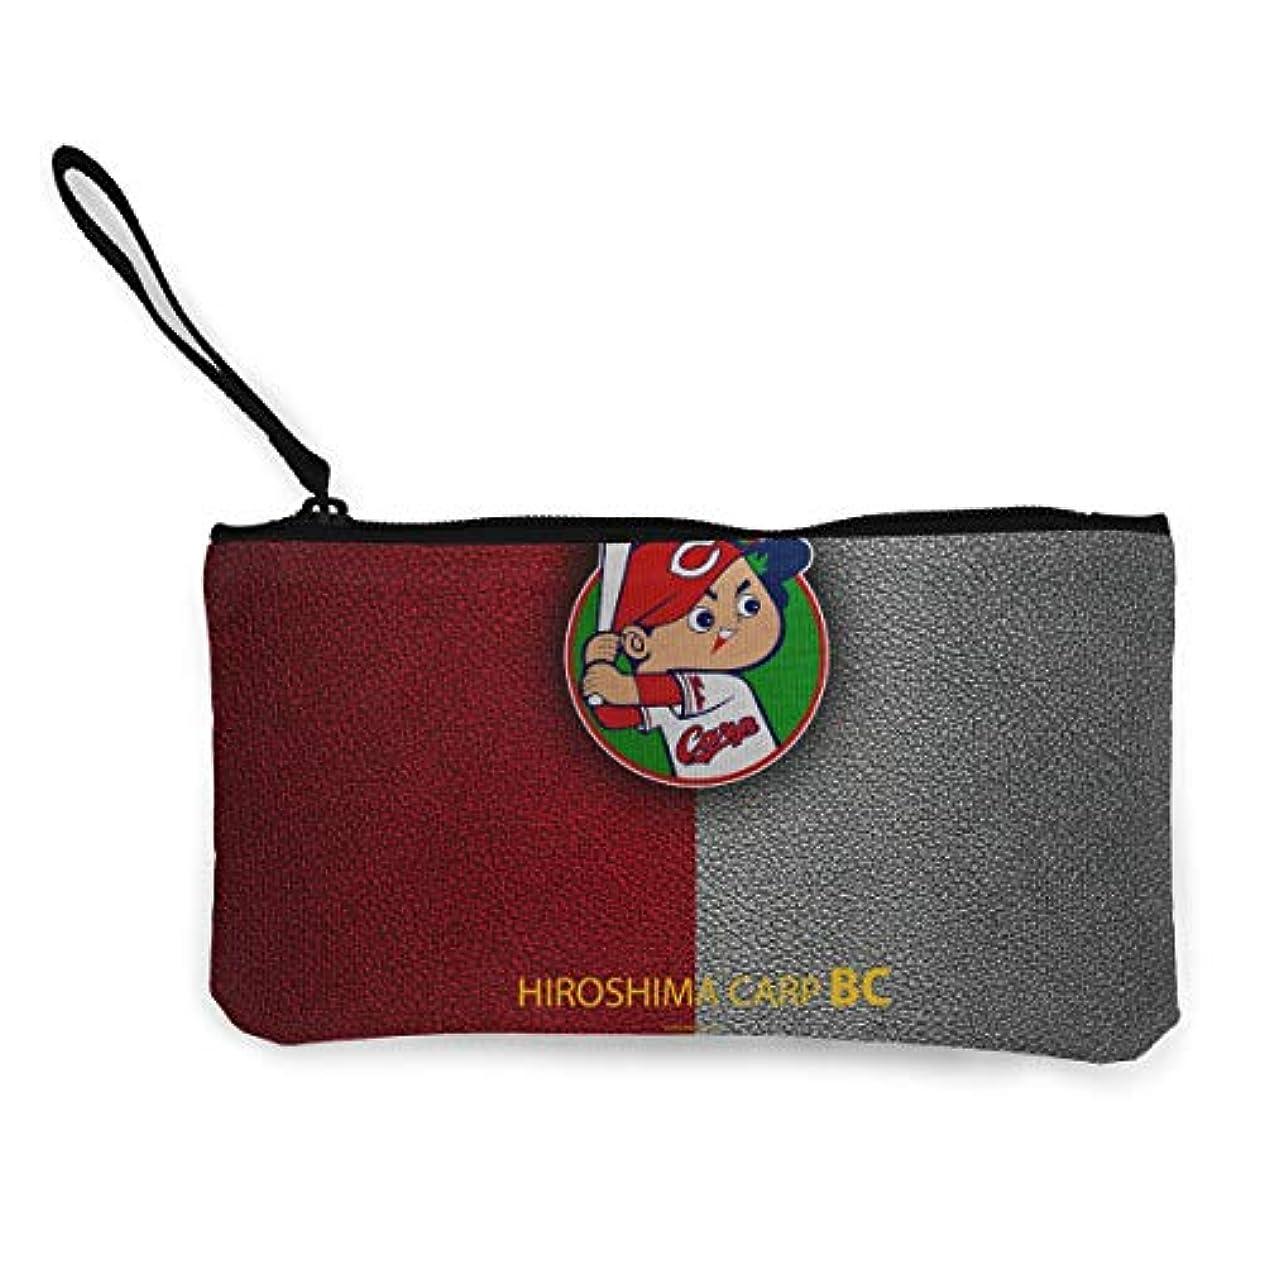 公園ジョセフバンクスケーキ広島東洋カープ 小銭入れ ワレット 財布 キャンバス ジッパー付きハンド 大容量